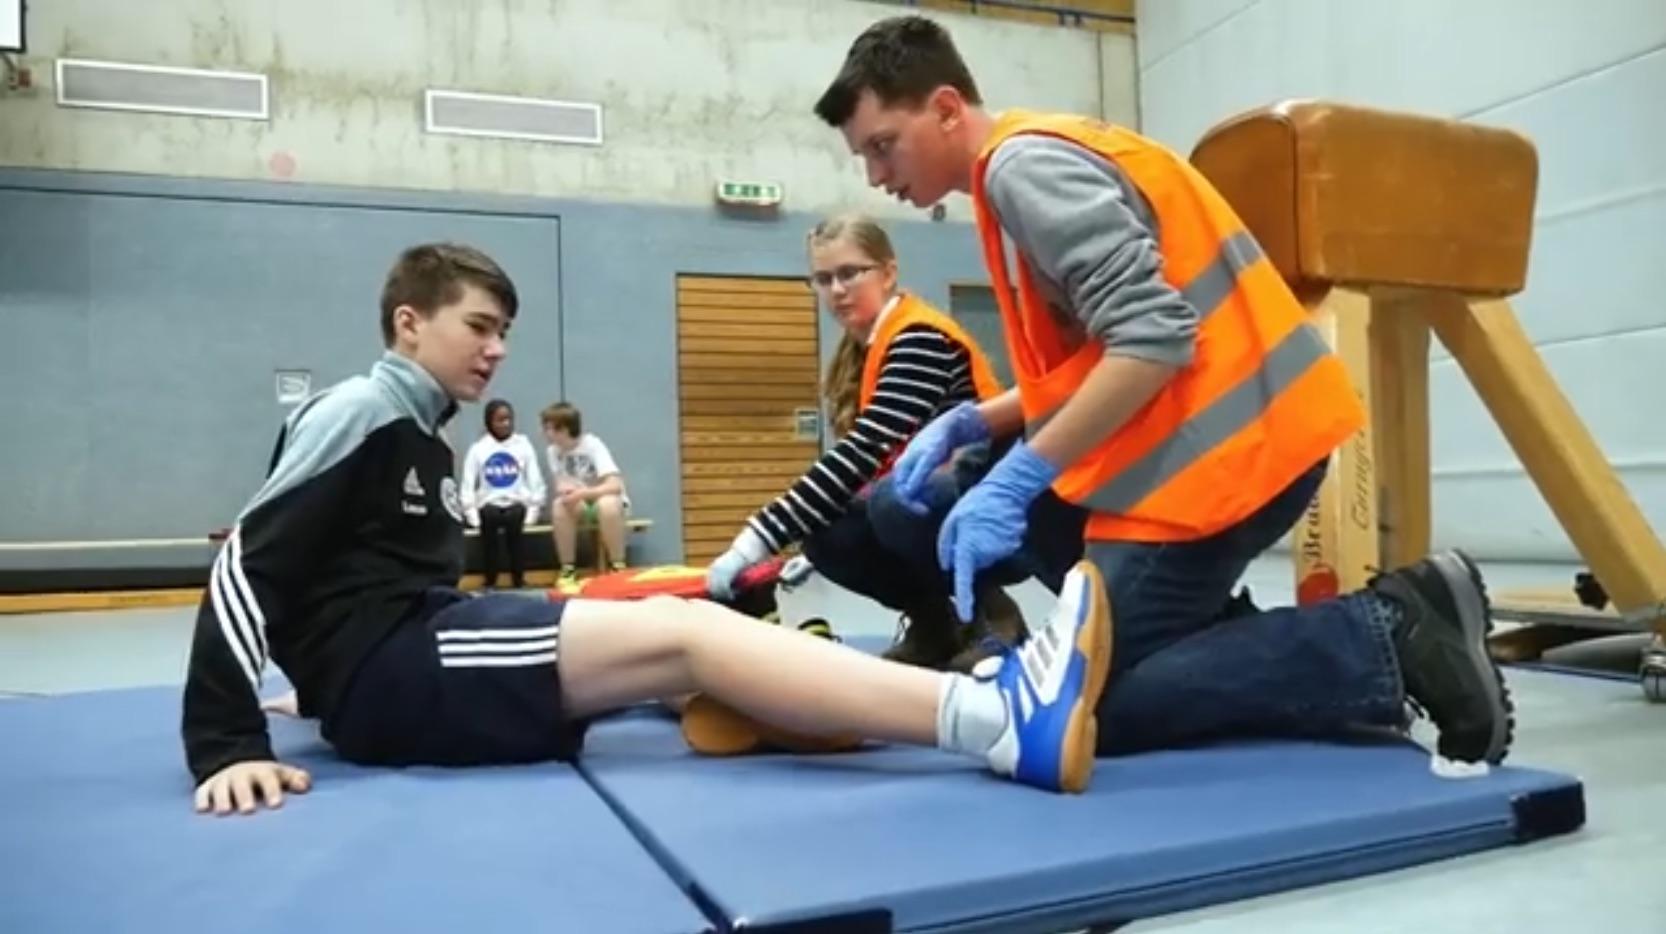 Ein Junge sitzt auf einer Sportmatte und wird von Schulsanitäter*innen versorgt.